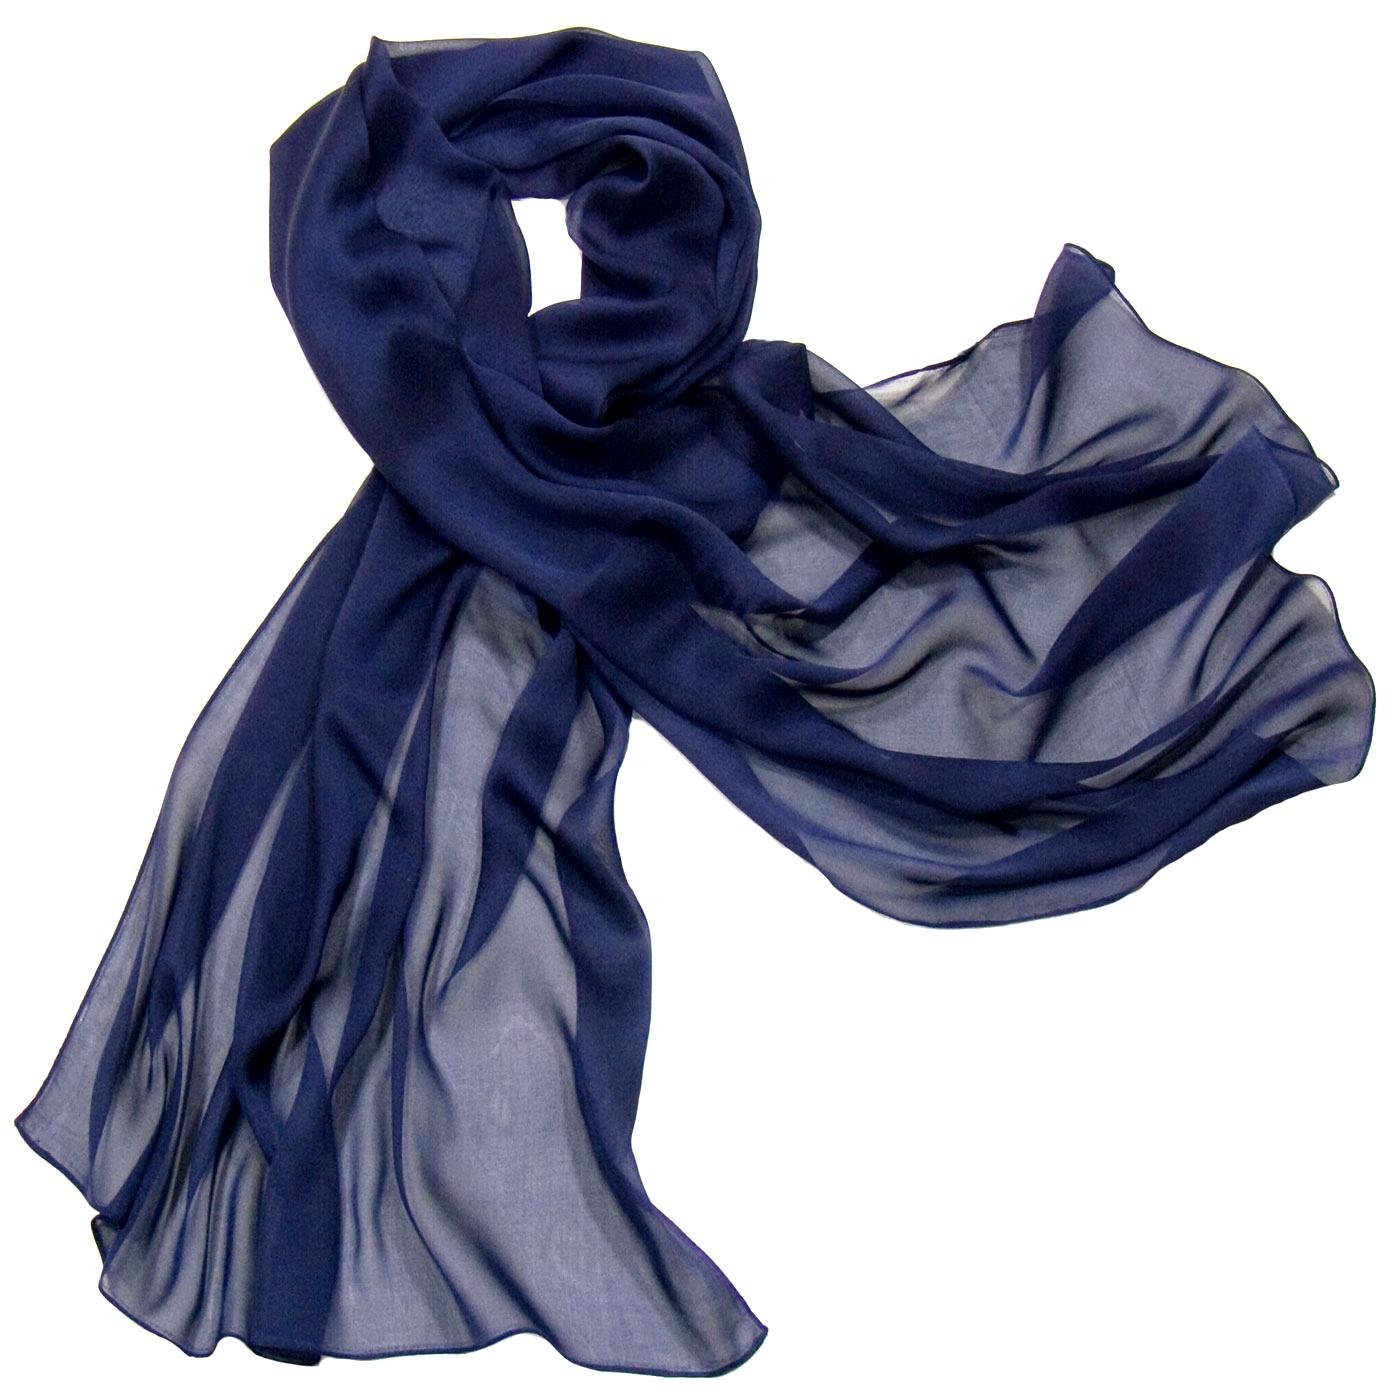 Etole bleu marine mousseline de soie premium - Etole Etole soie - Mes  Echarpes c5390f30e83